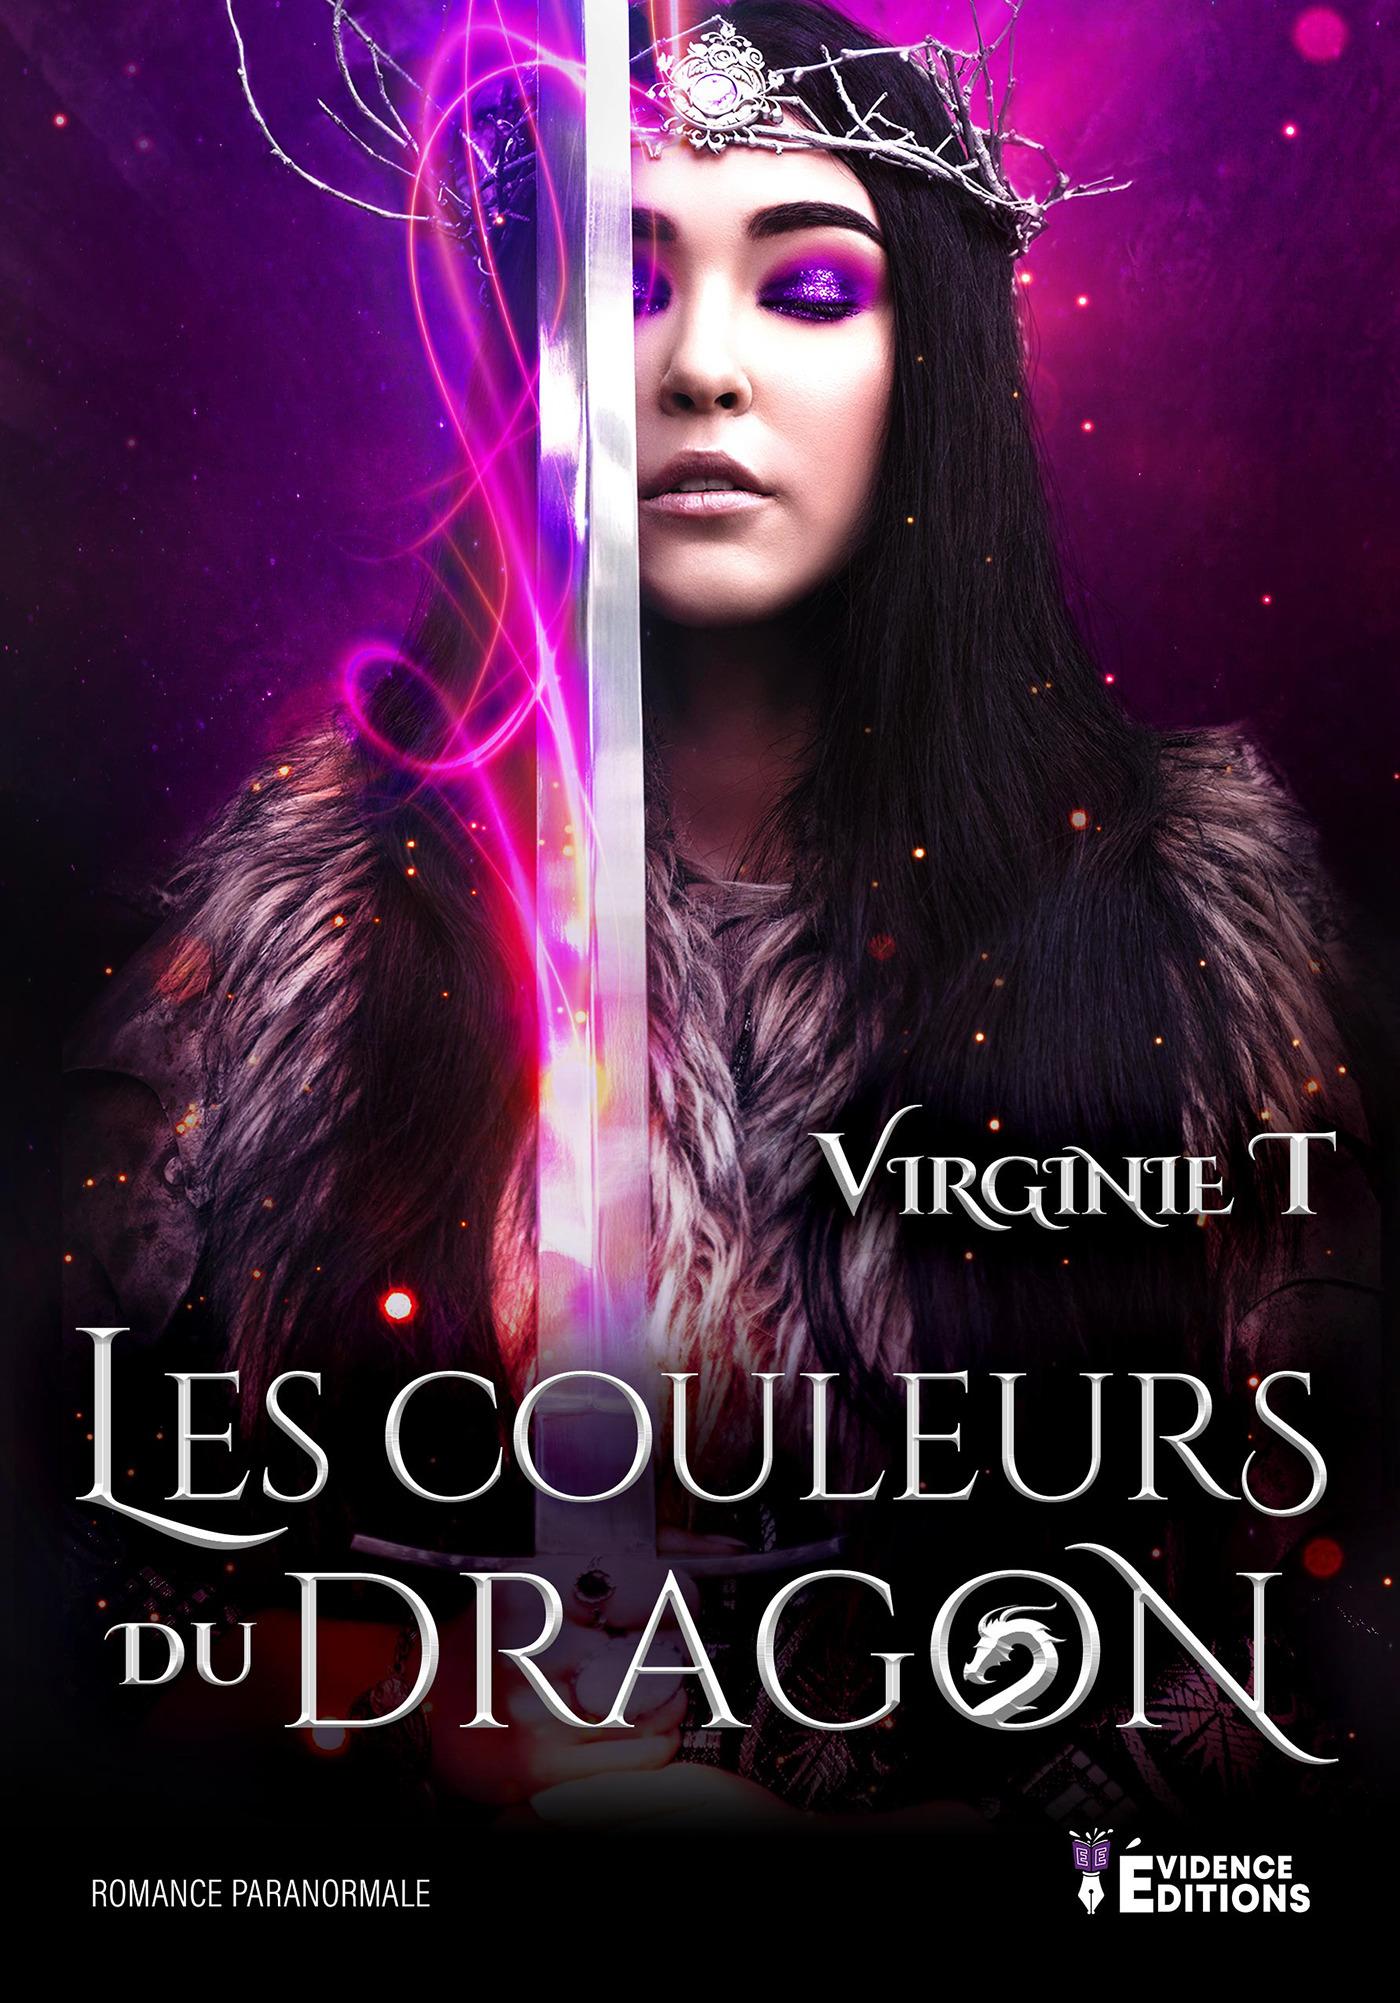 Les couleurs du dragon